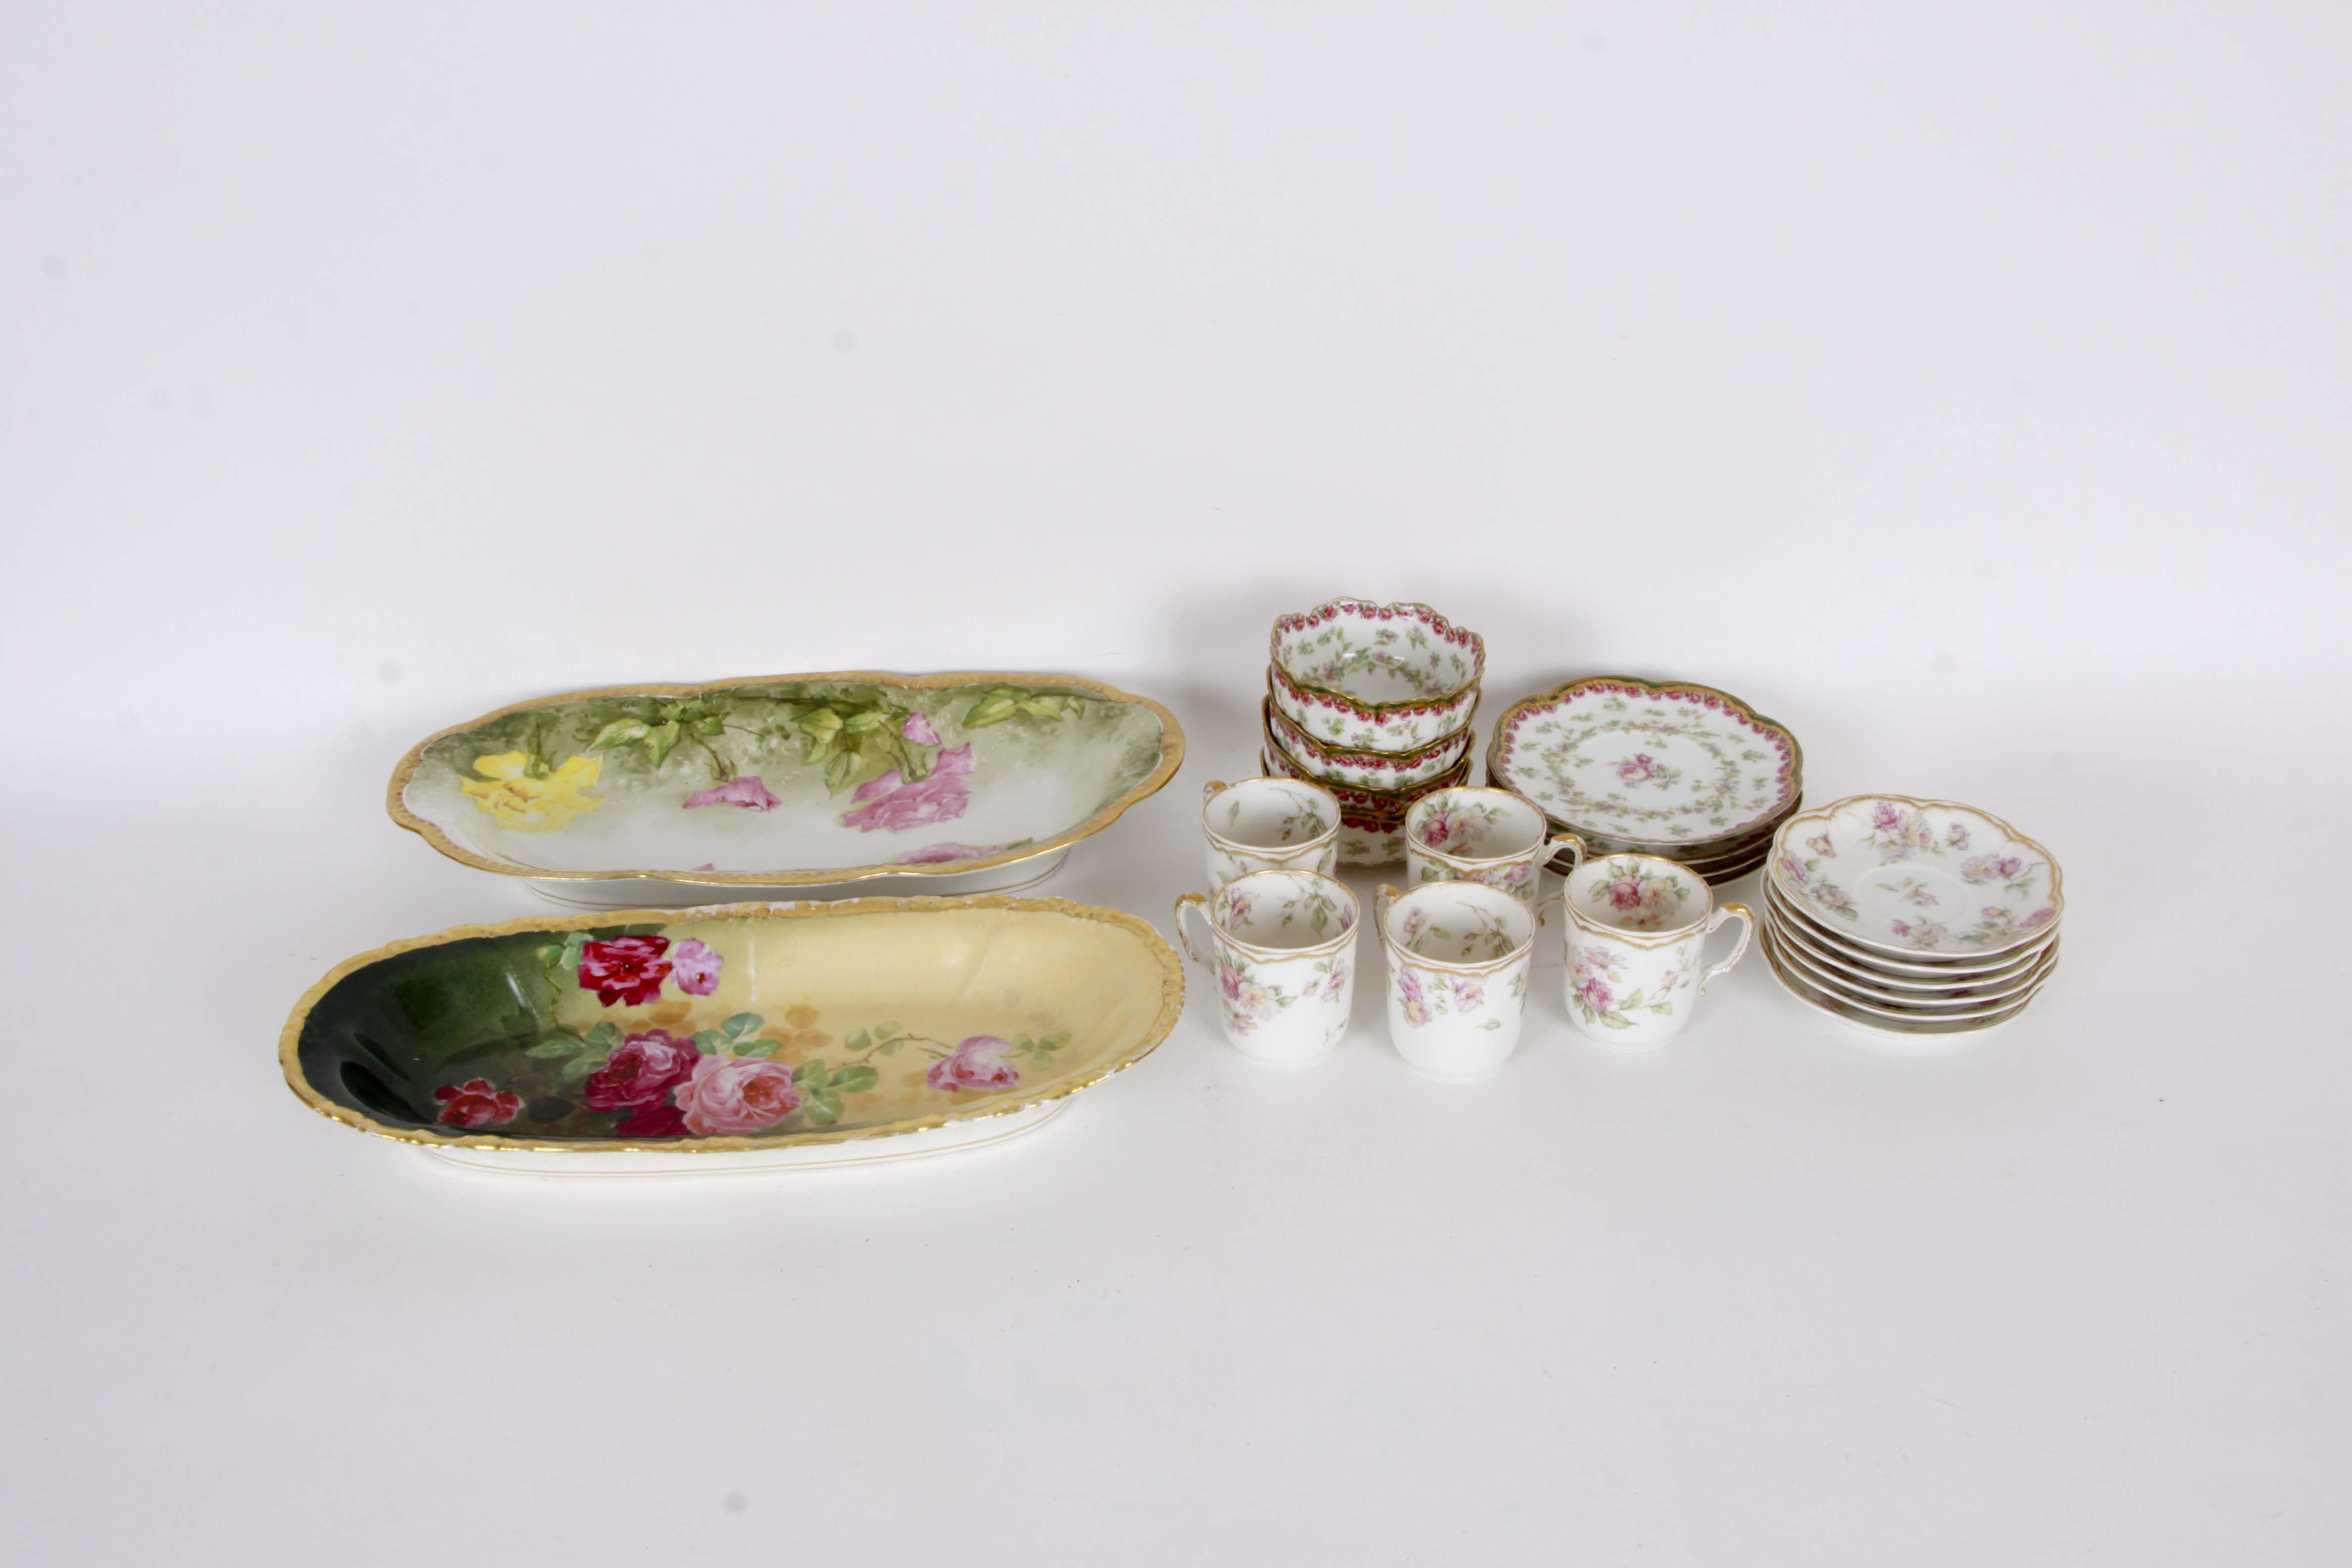 Vintage Limoges Porcelain Collection